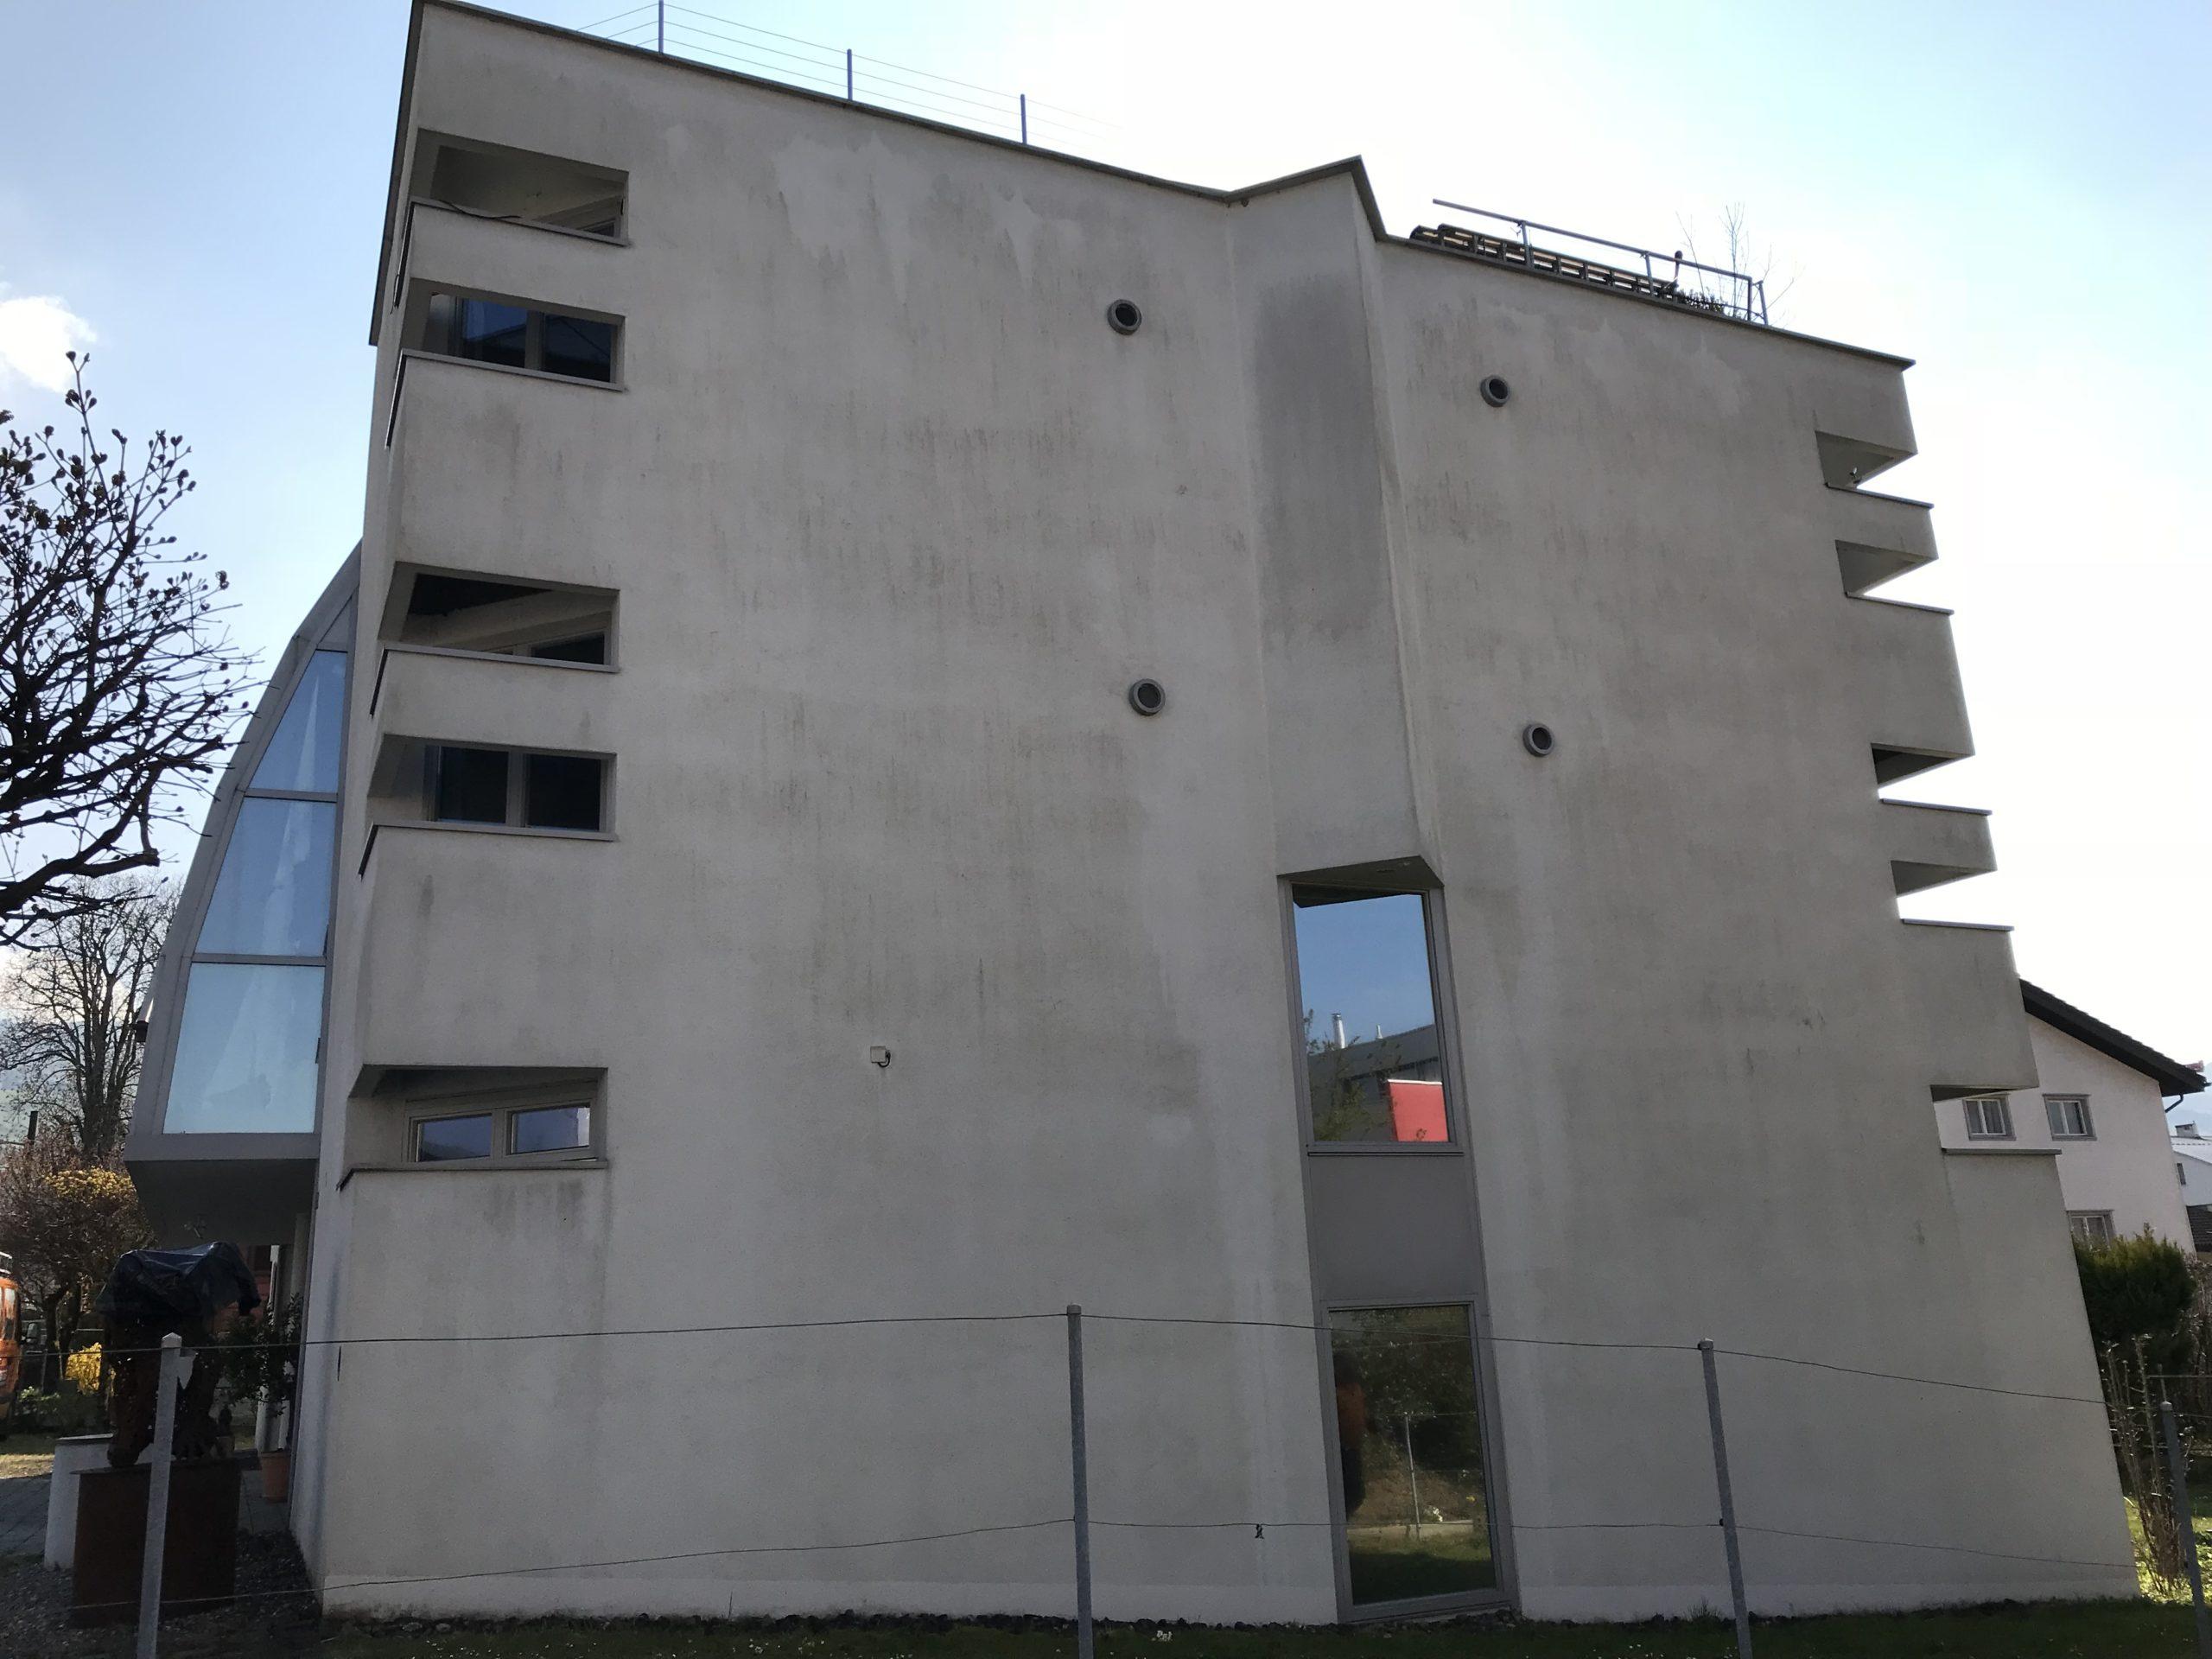 https://www.koster-gs.ch/wp-content/uploads/2021/07/Reichmuth-2-Fassade-Nord-vorher-scaled.jpg